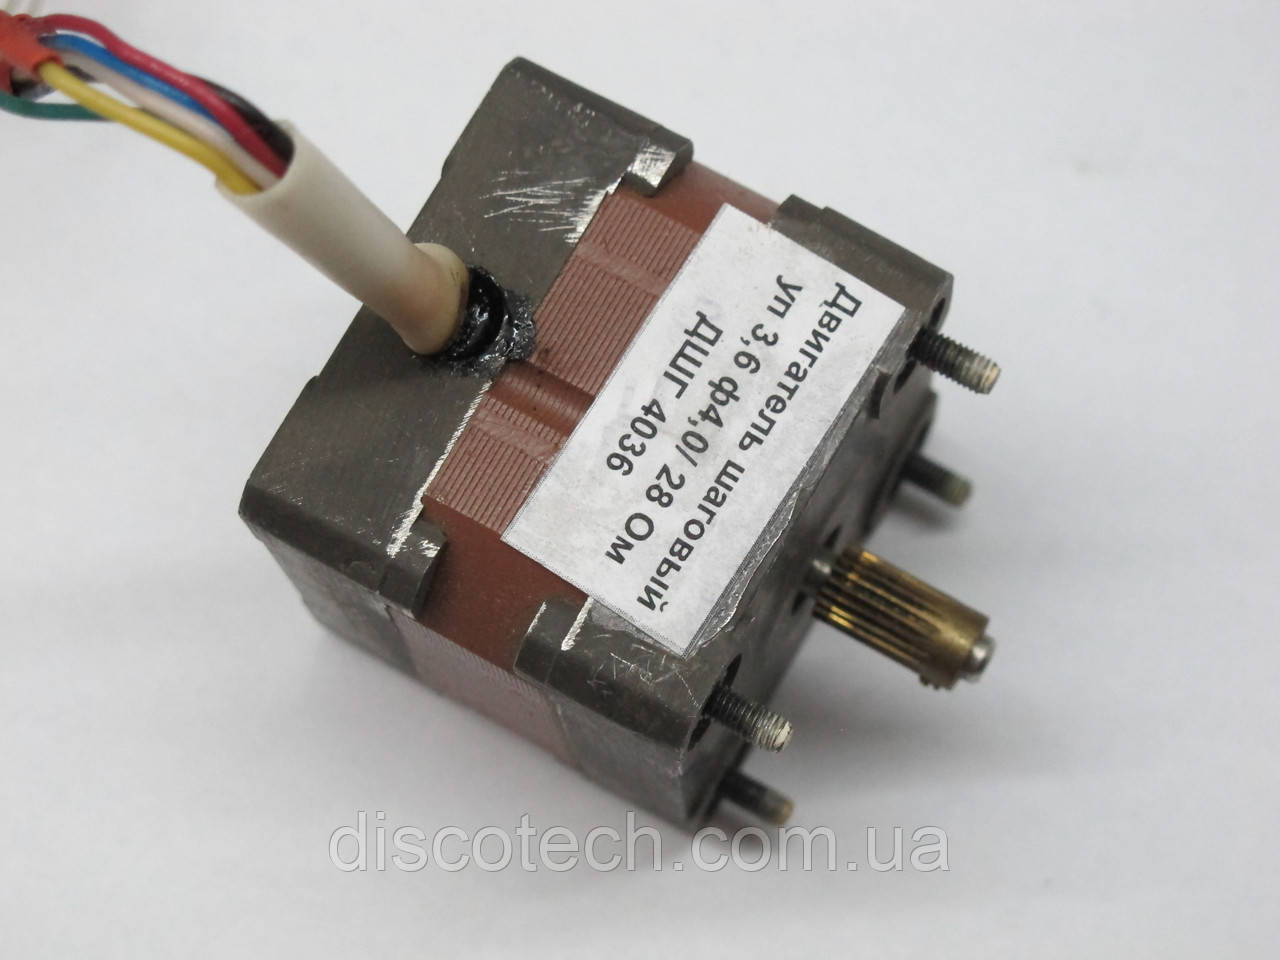 Двигатель шаговый уп 3,6 ф4,0/ 28 Ом ДШГ 4036